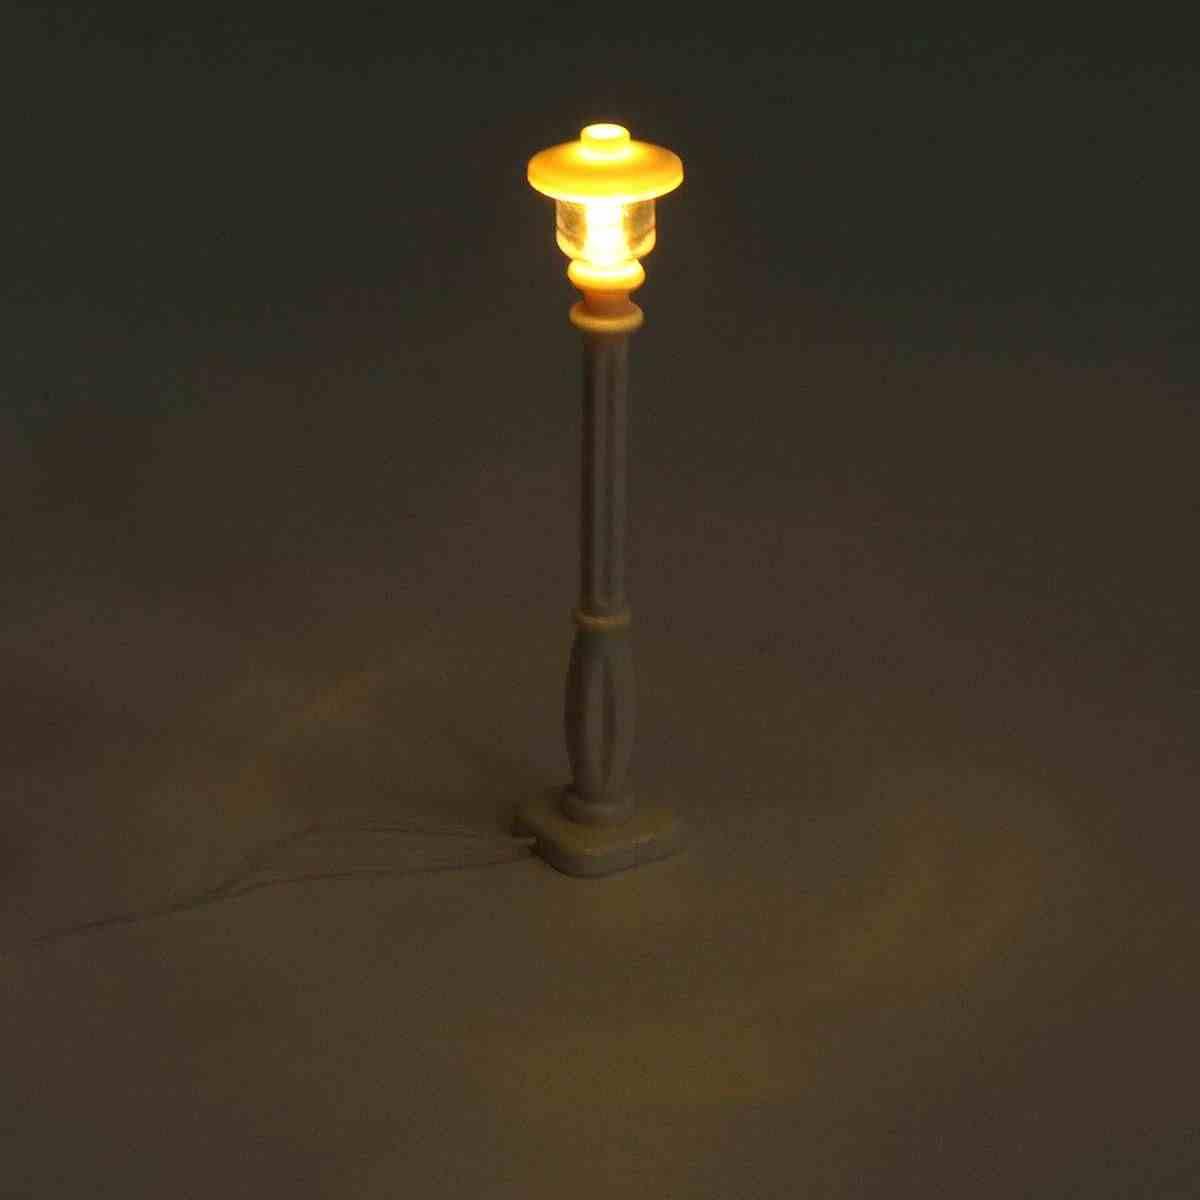 Zestaw oświetlenia Led tylko dla 10246 dla Lego dla detektywów biuro miasto Creator cegły budowlane zestaw światła Led